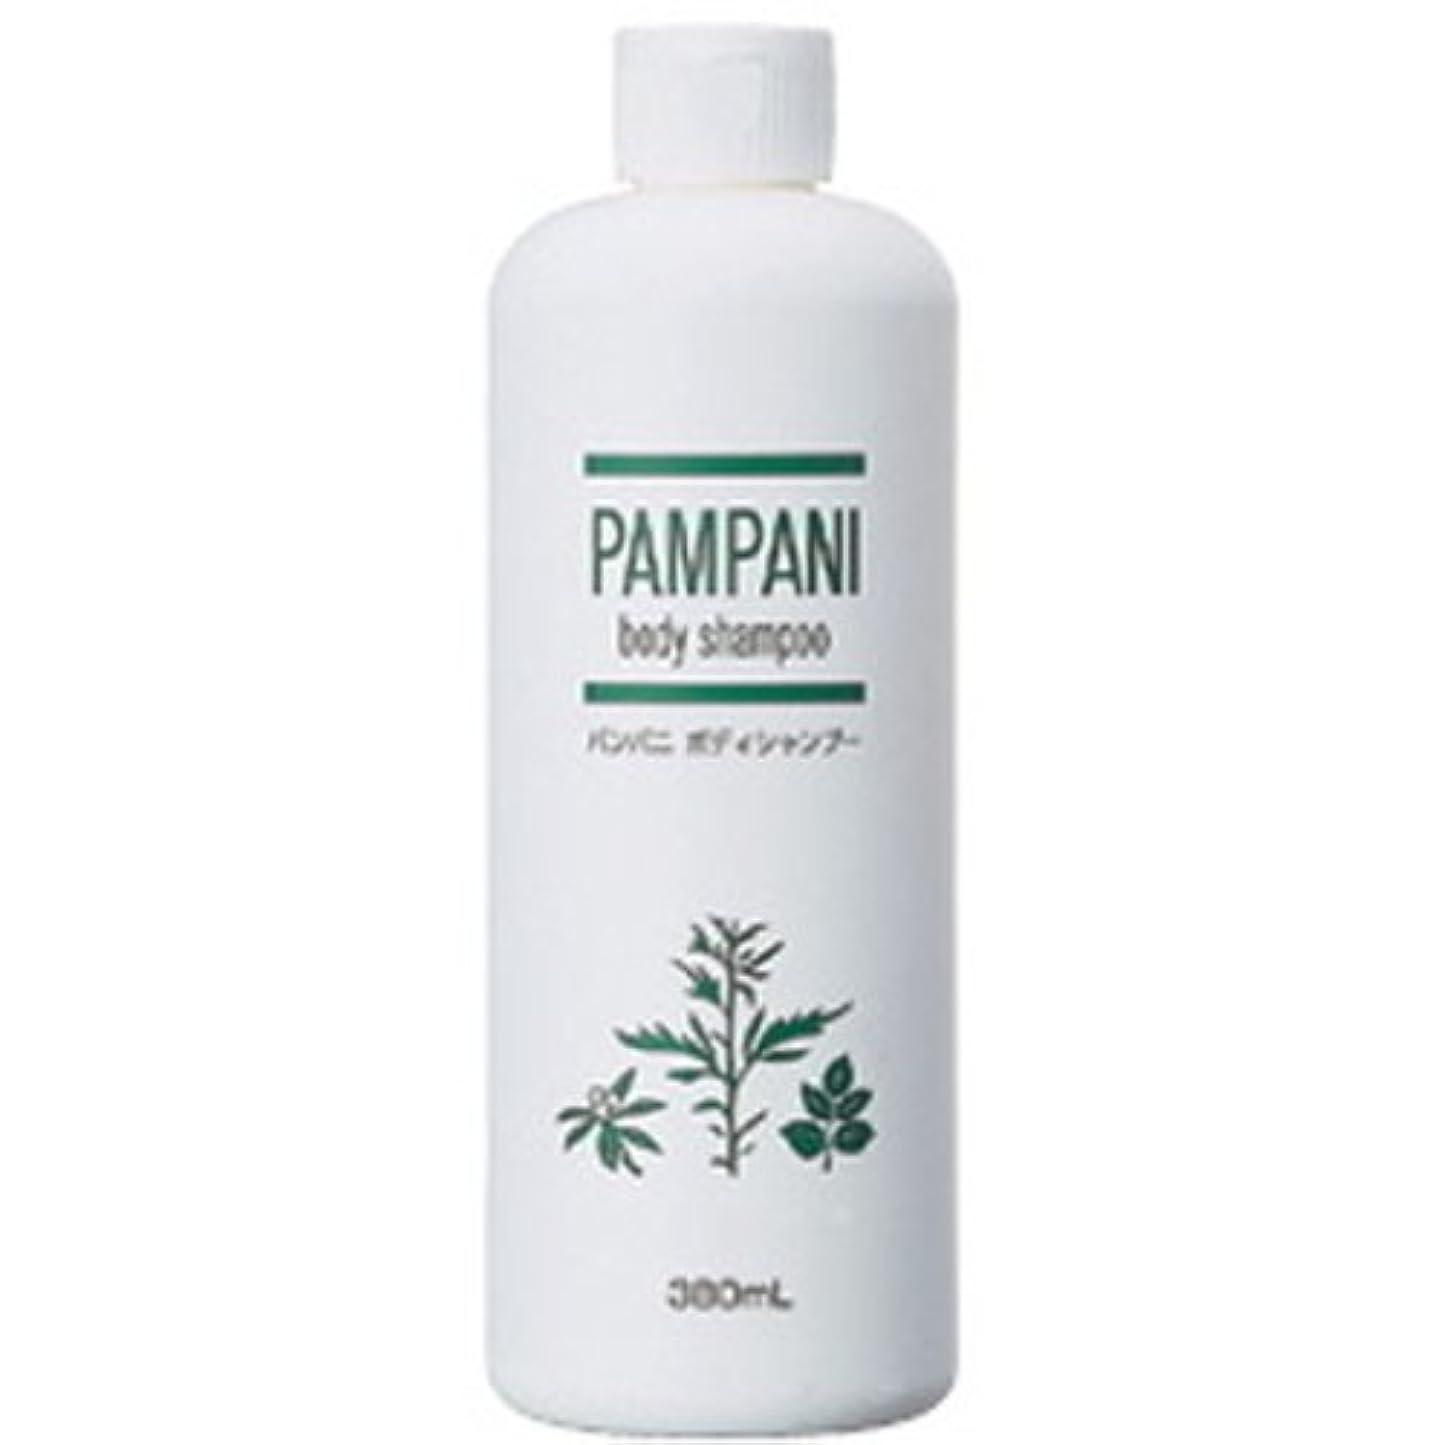 排泄物時代遅れ貧しいパンパニ(PAMPANI) ボディシャンプー 380ml